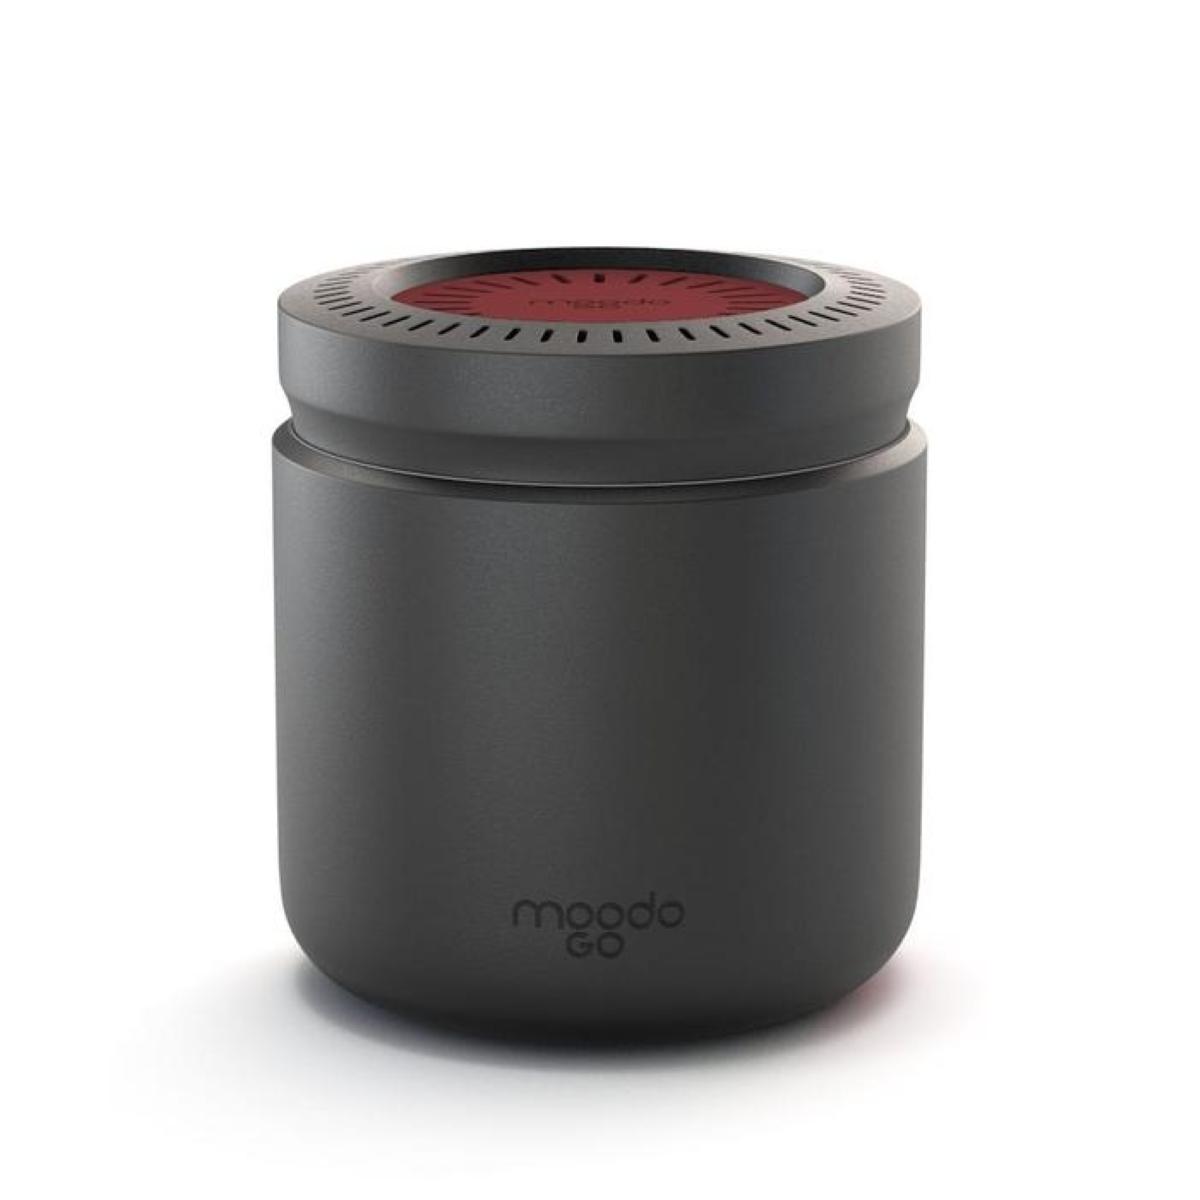 MoodoGo